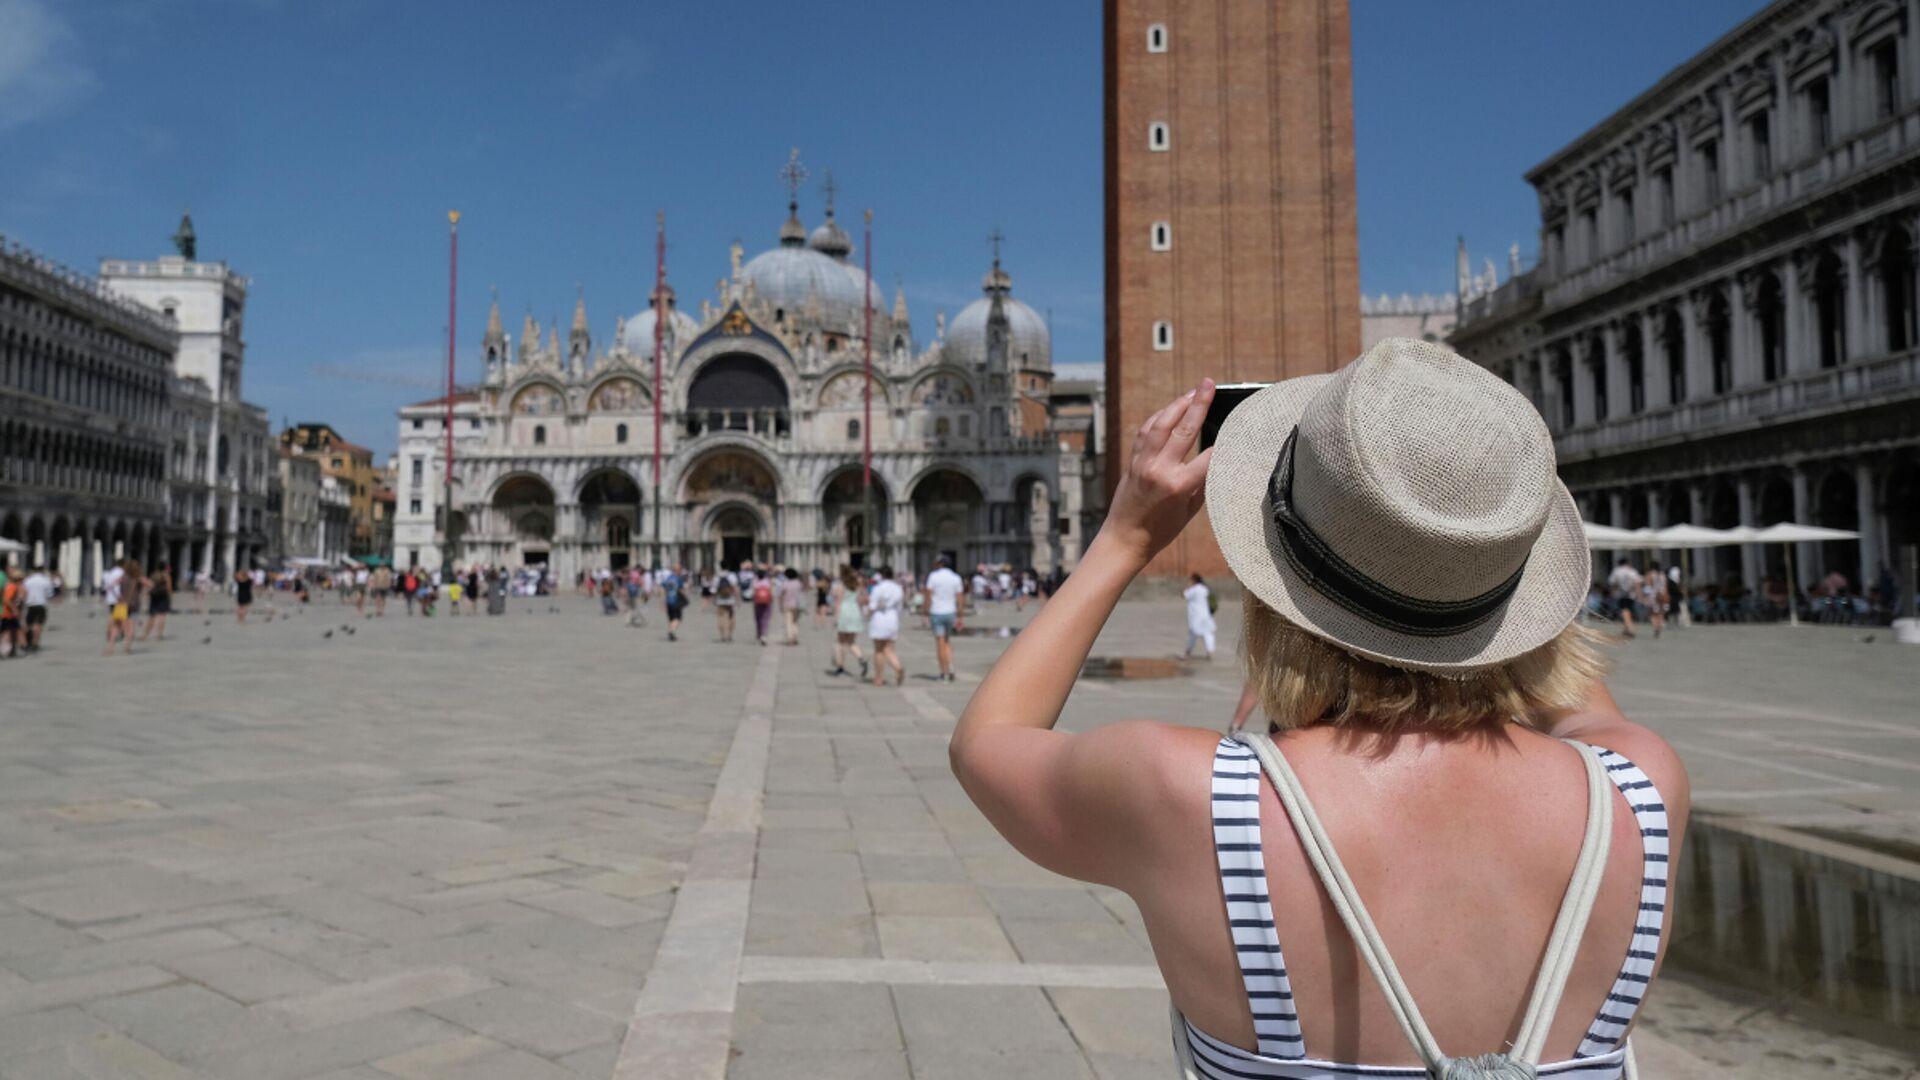 Una turista en Venecia, Italia - Sputnik Mundo, 1920, 02.08.2021